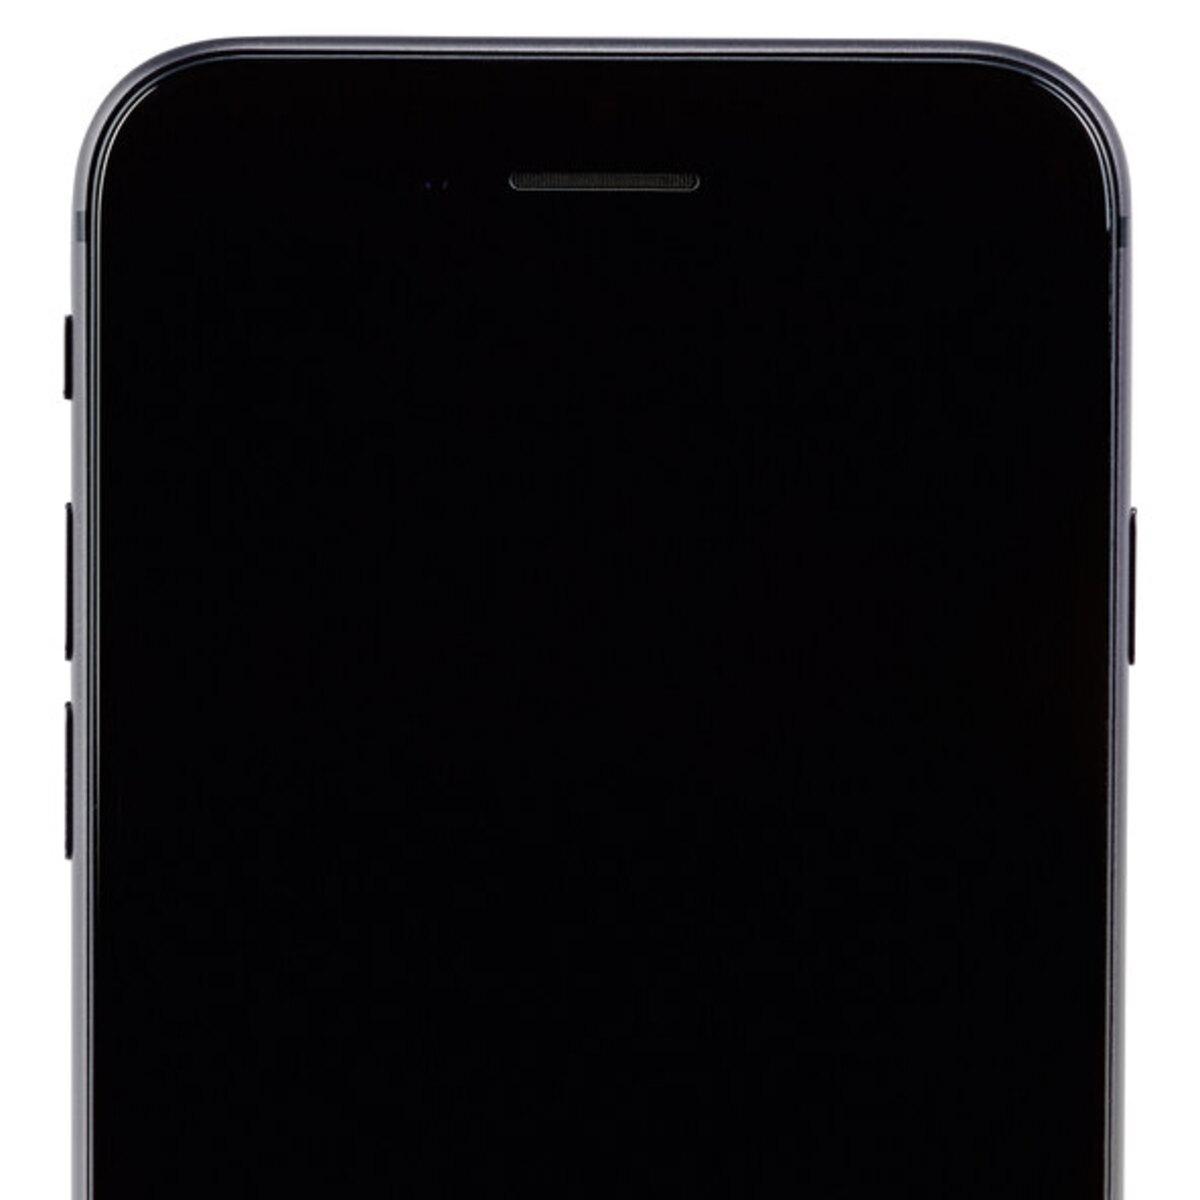 Bild 4 von Apple iPhone 8 64 GB, generalüberholt, inkl. ALDI TALK Starter-Set